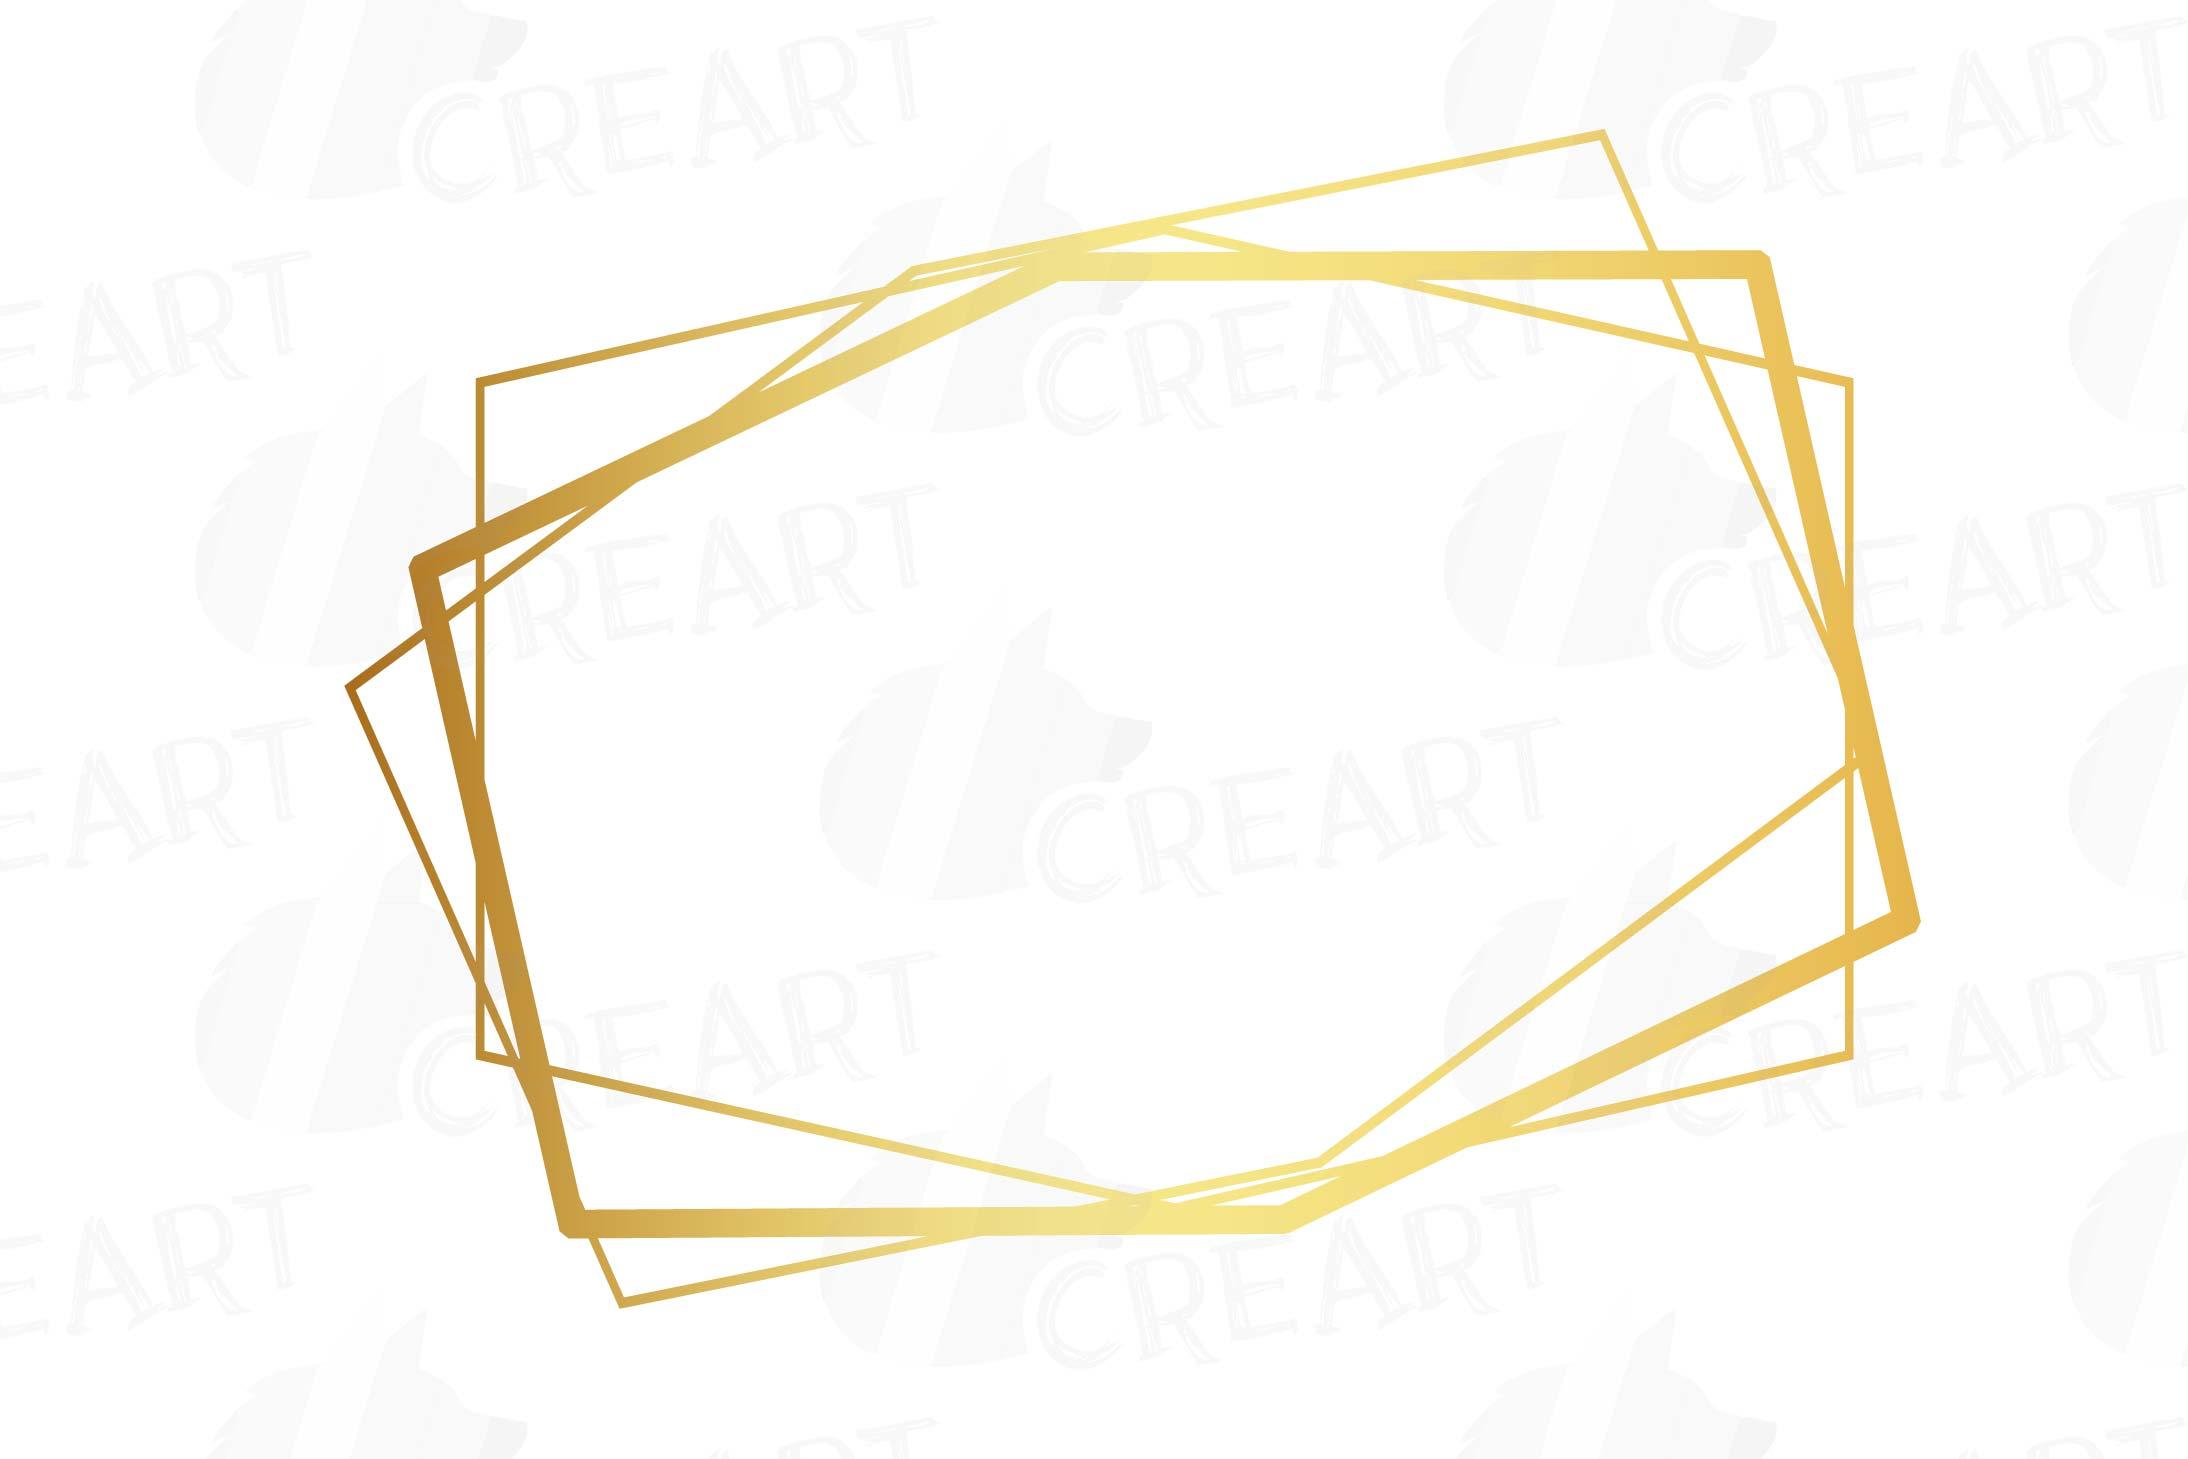 Elegant wedding geometric golden frames, lineal frames png example image 11